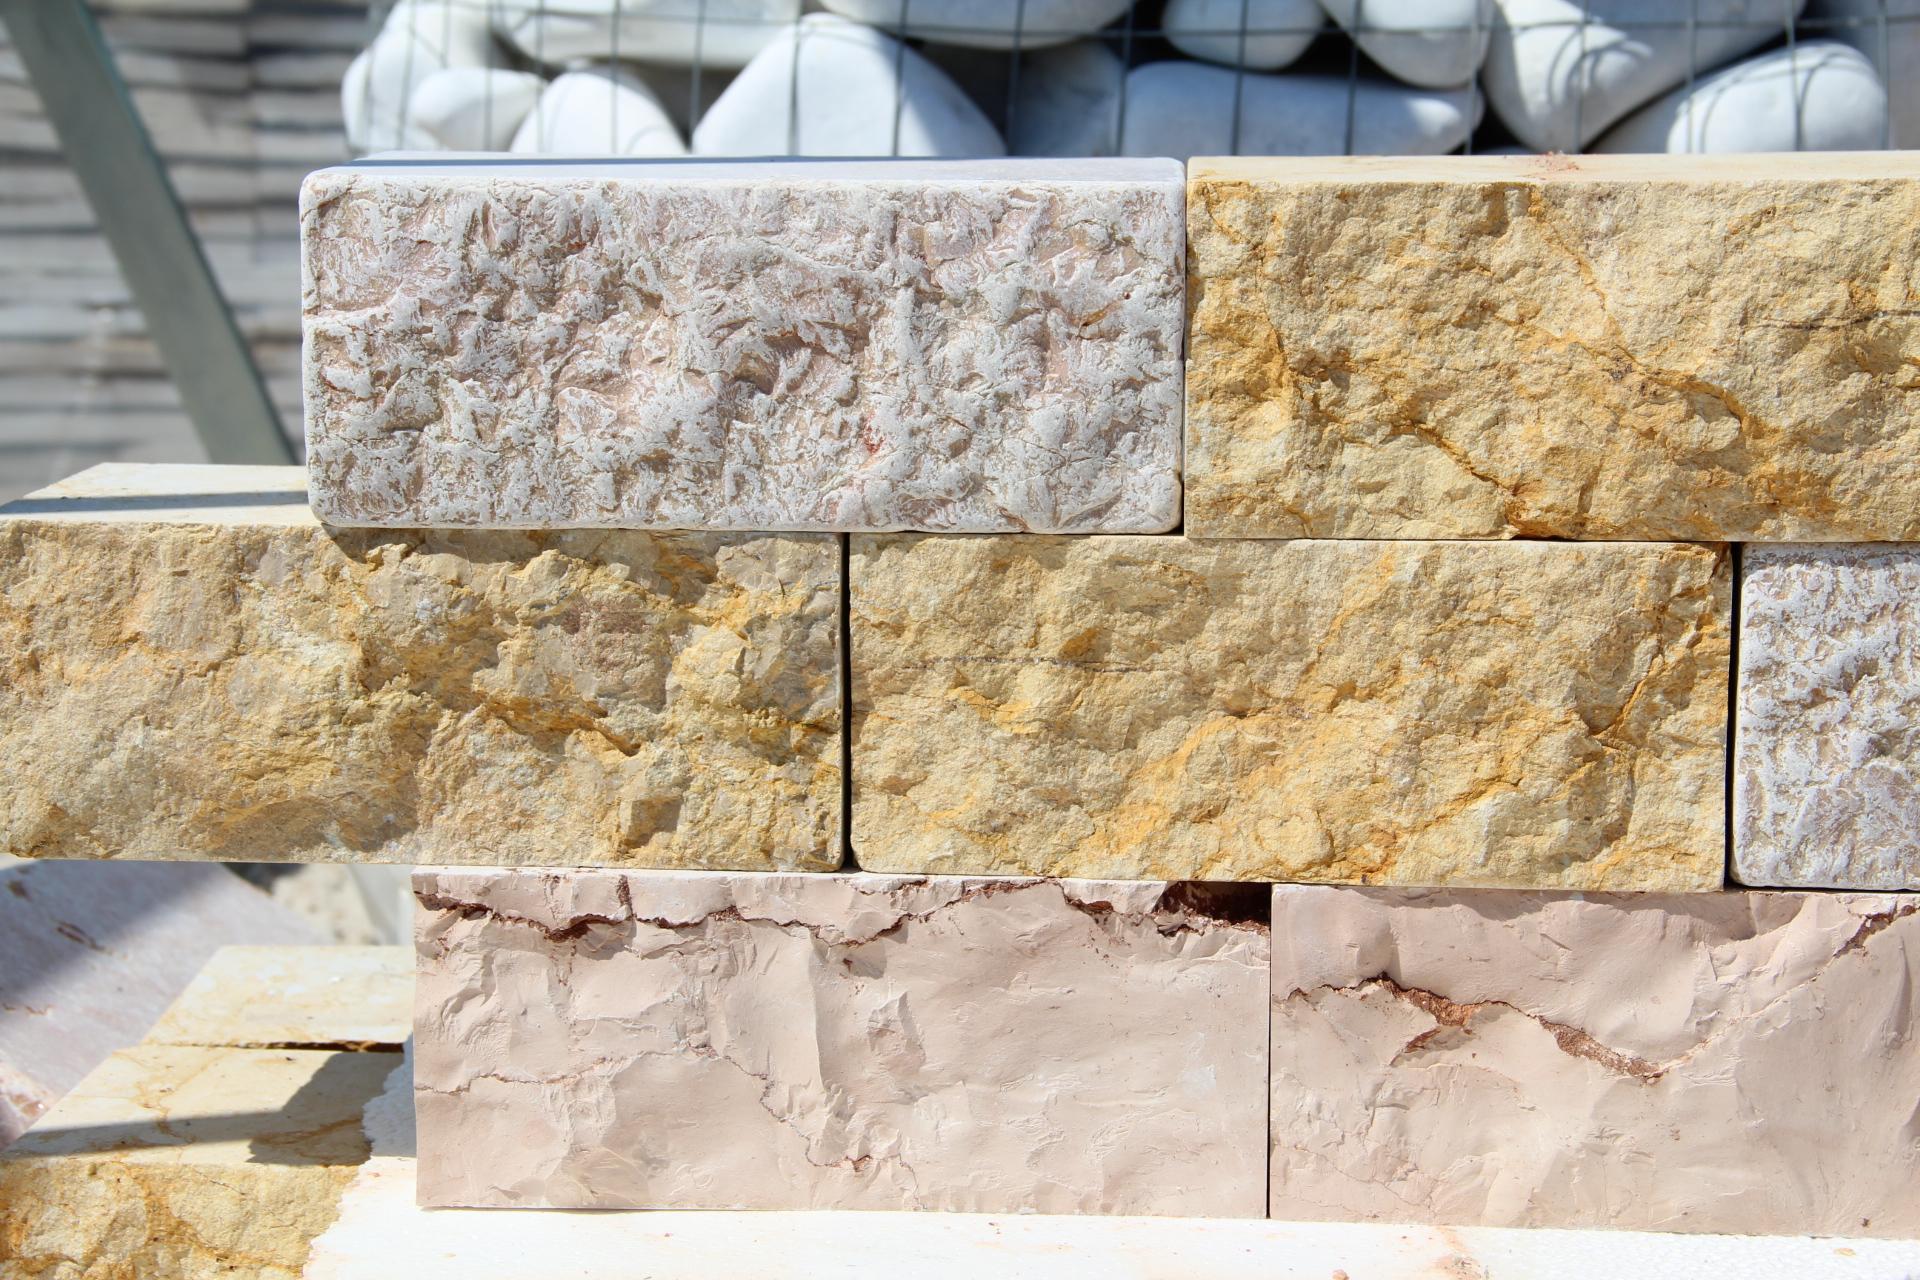 Foto di mattoni in marmo molto belli a prezzi convenienti - Copertine per muretti esterno in cemento prezzi ...